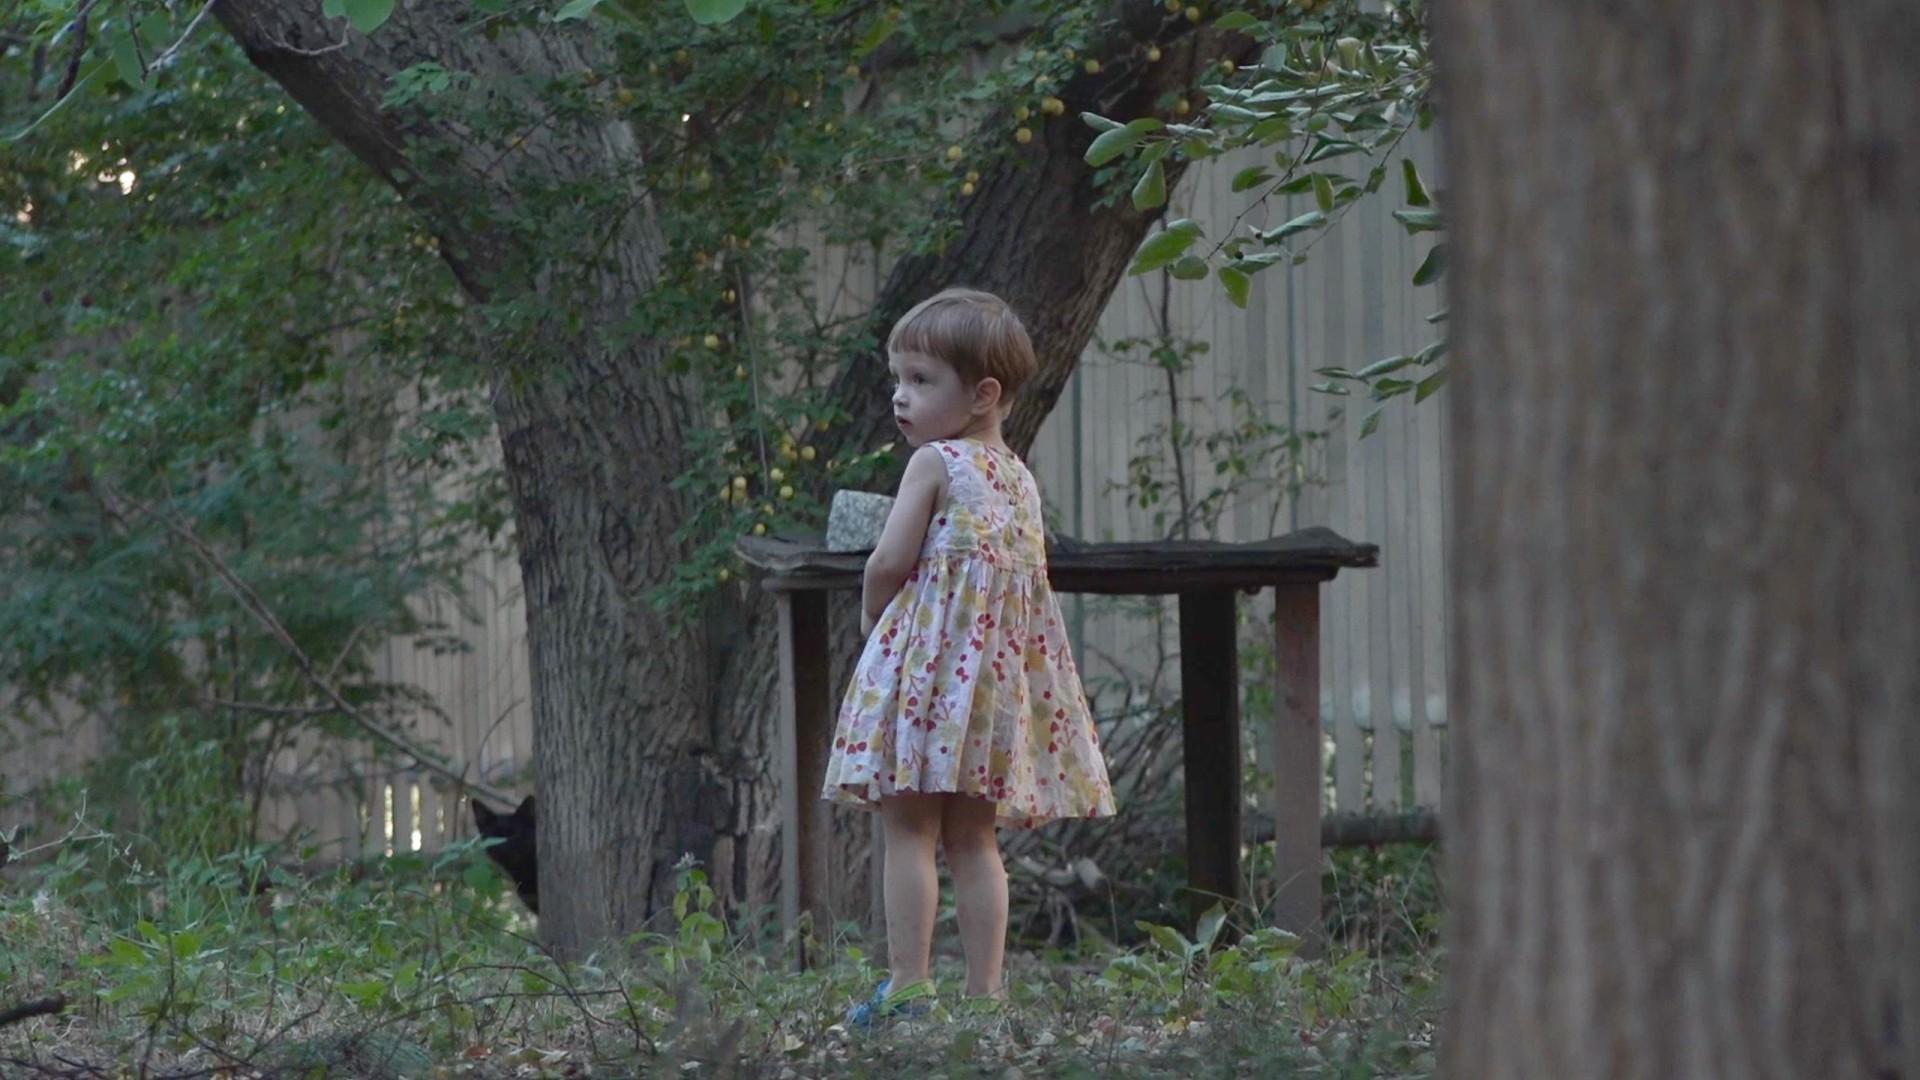 """Aus den Augen eines Kindes: """"Bluey Eyes and Colorful My Dress"""" (dffb/Zhana Henkes)"""